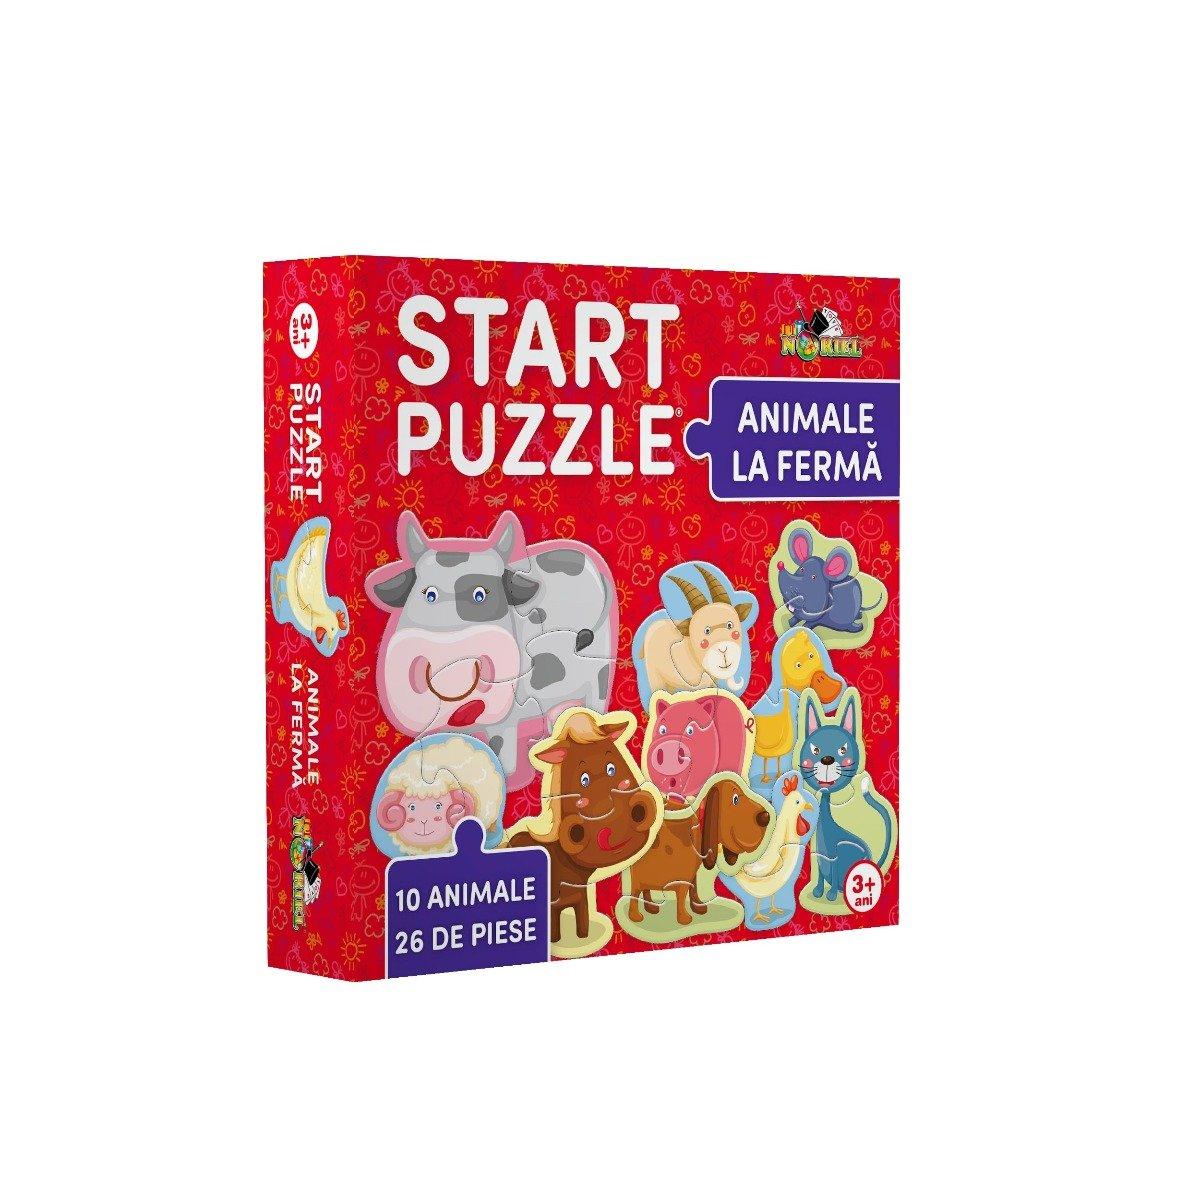 Noriel Puzzle - Start Puzzle. Animale la ferma